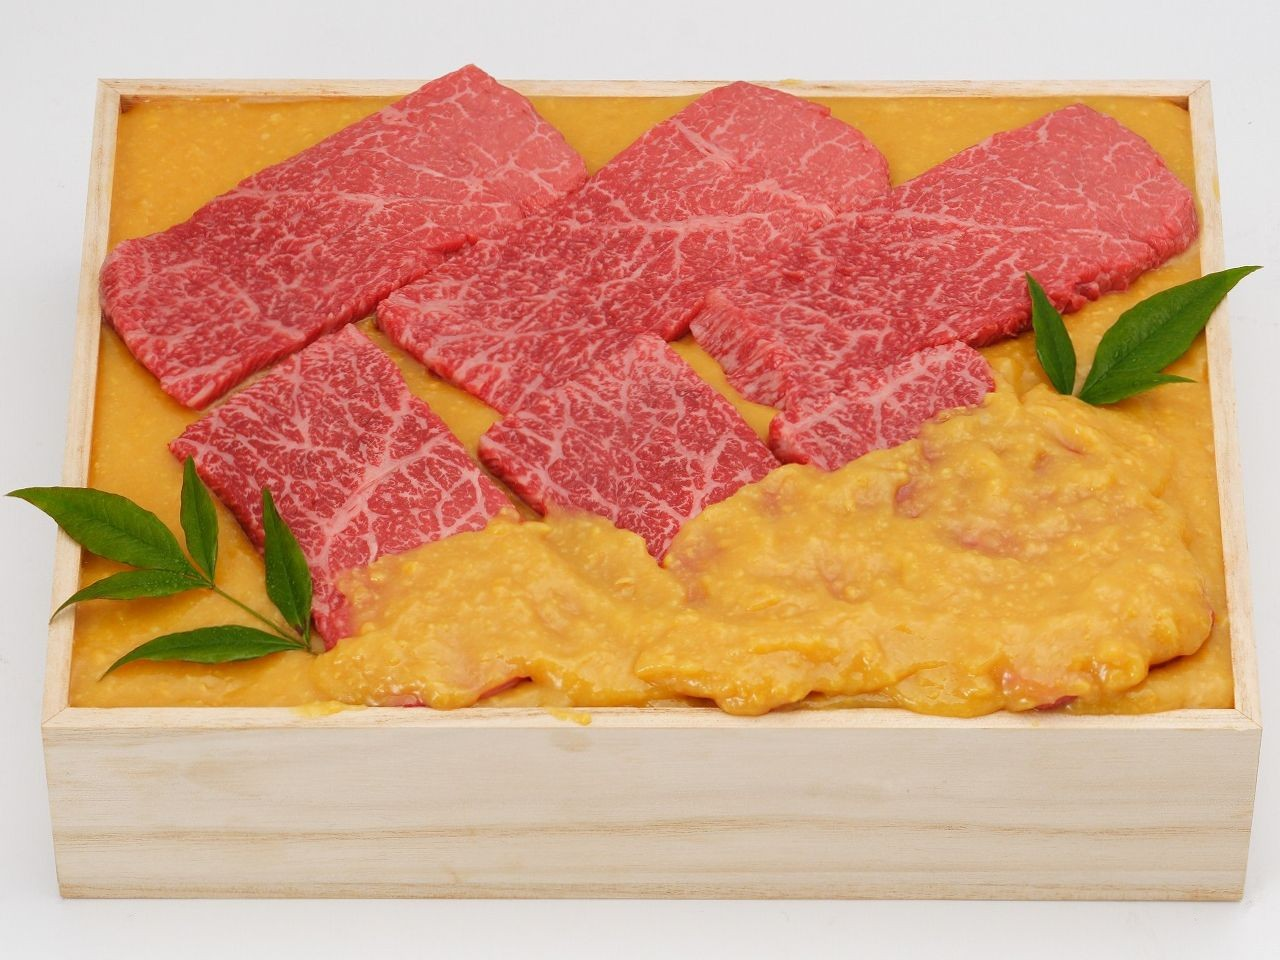 米沢牛 糀味噌漬け